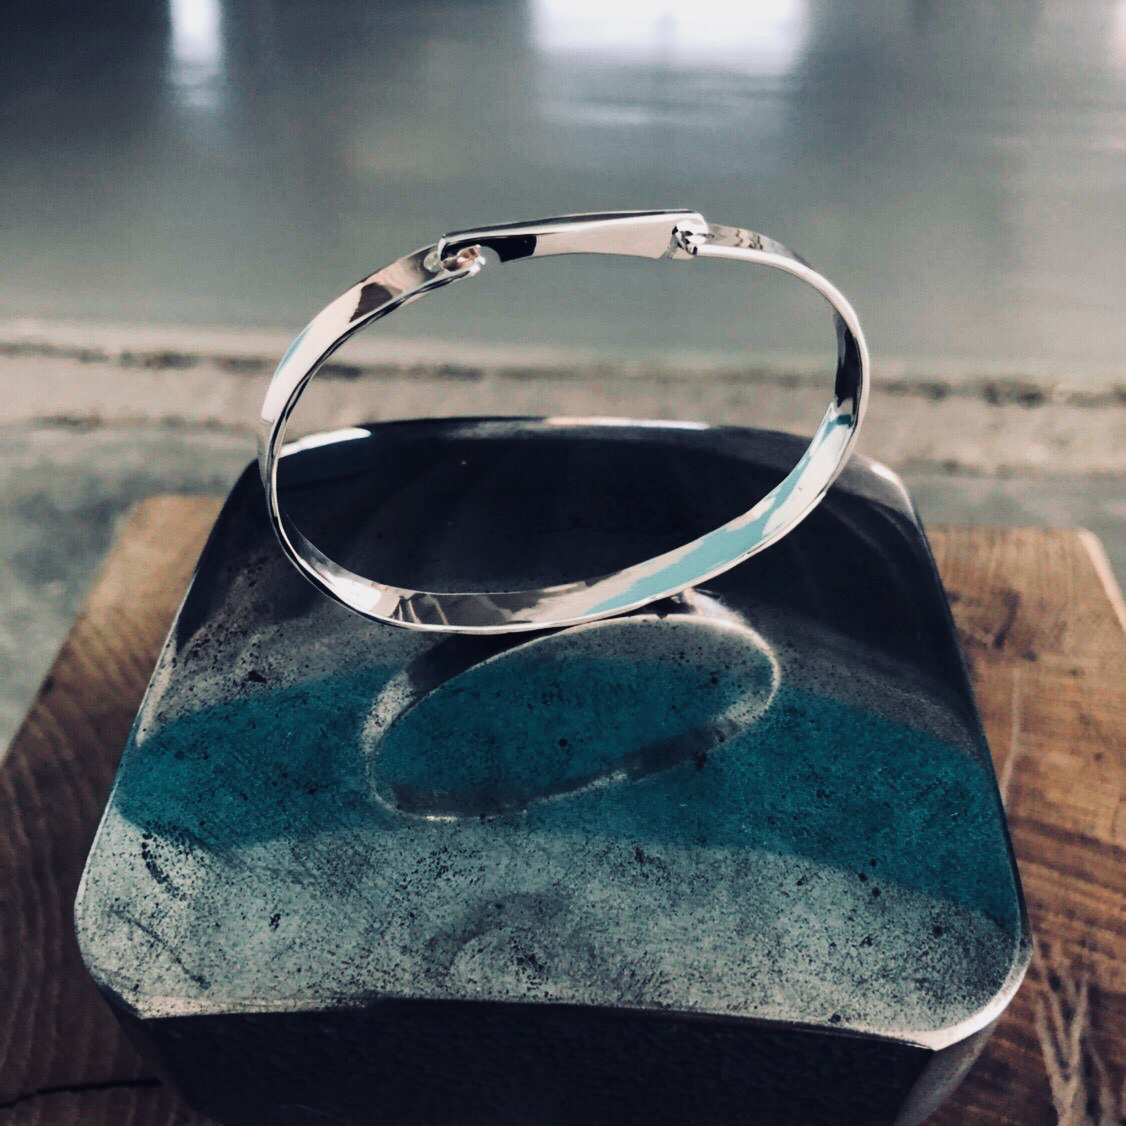 Bracelet One argent, design Adrien Moniquet pour Artsphalte